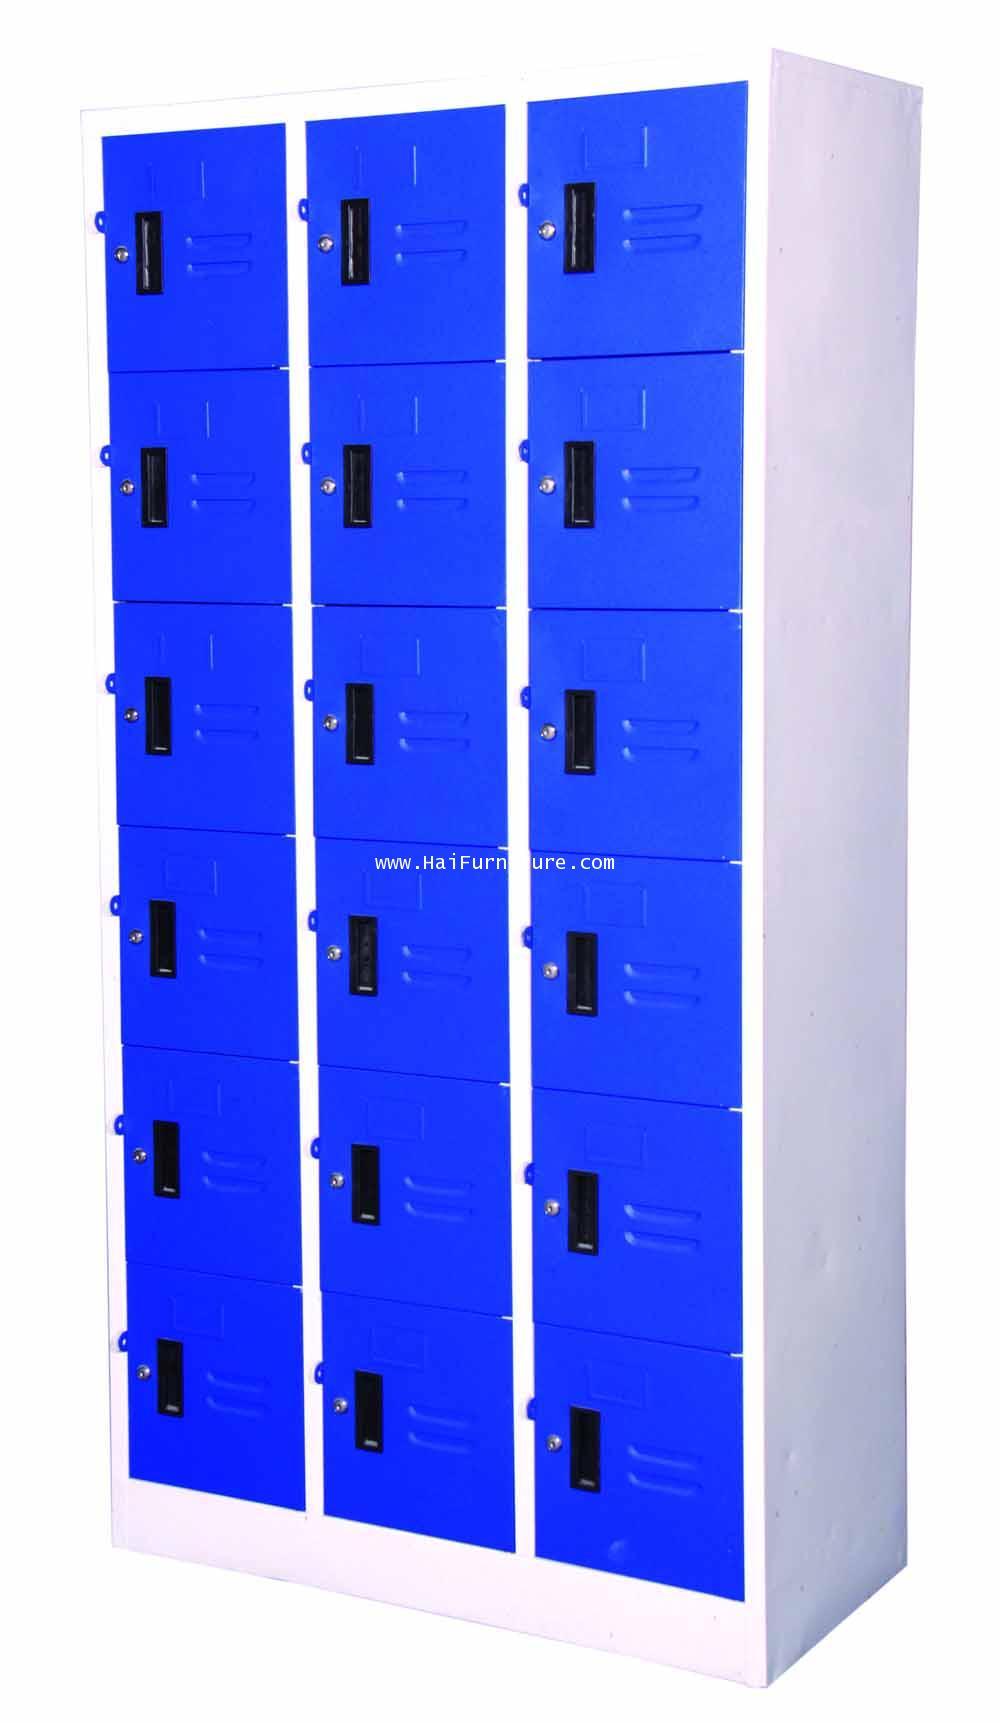 ตู้ล๊อกเกอร์เหล็ก 18 ช่อง LK-18 Elegant 91.4*45.6*183 ซม. 3